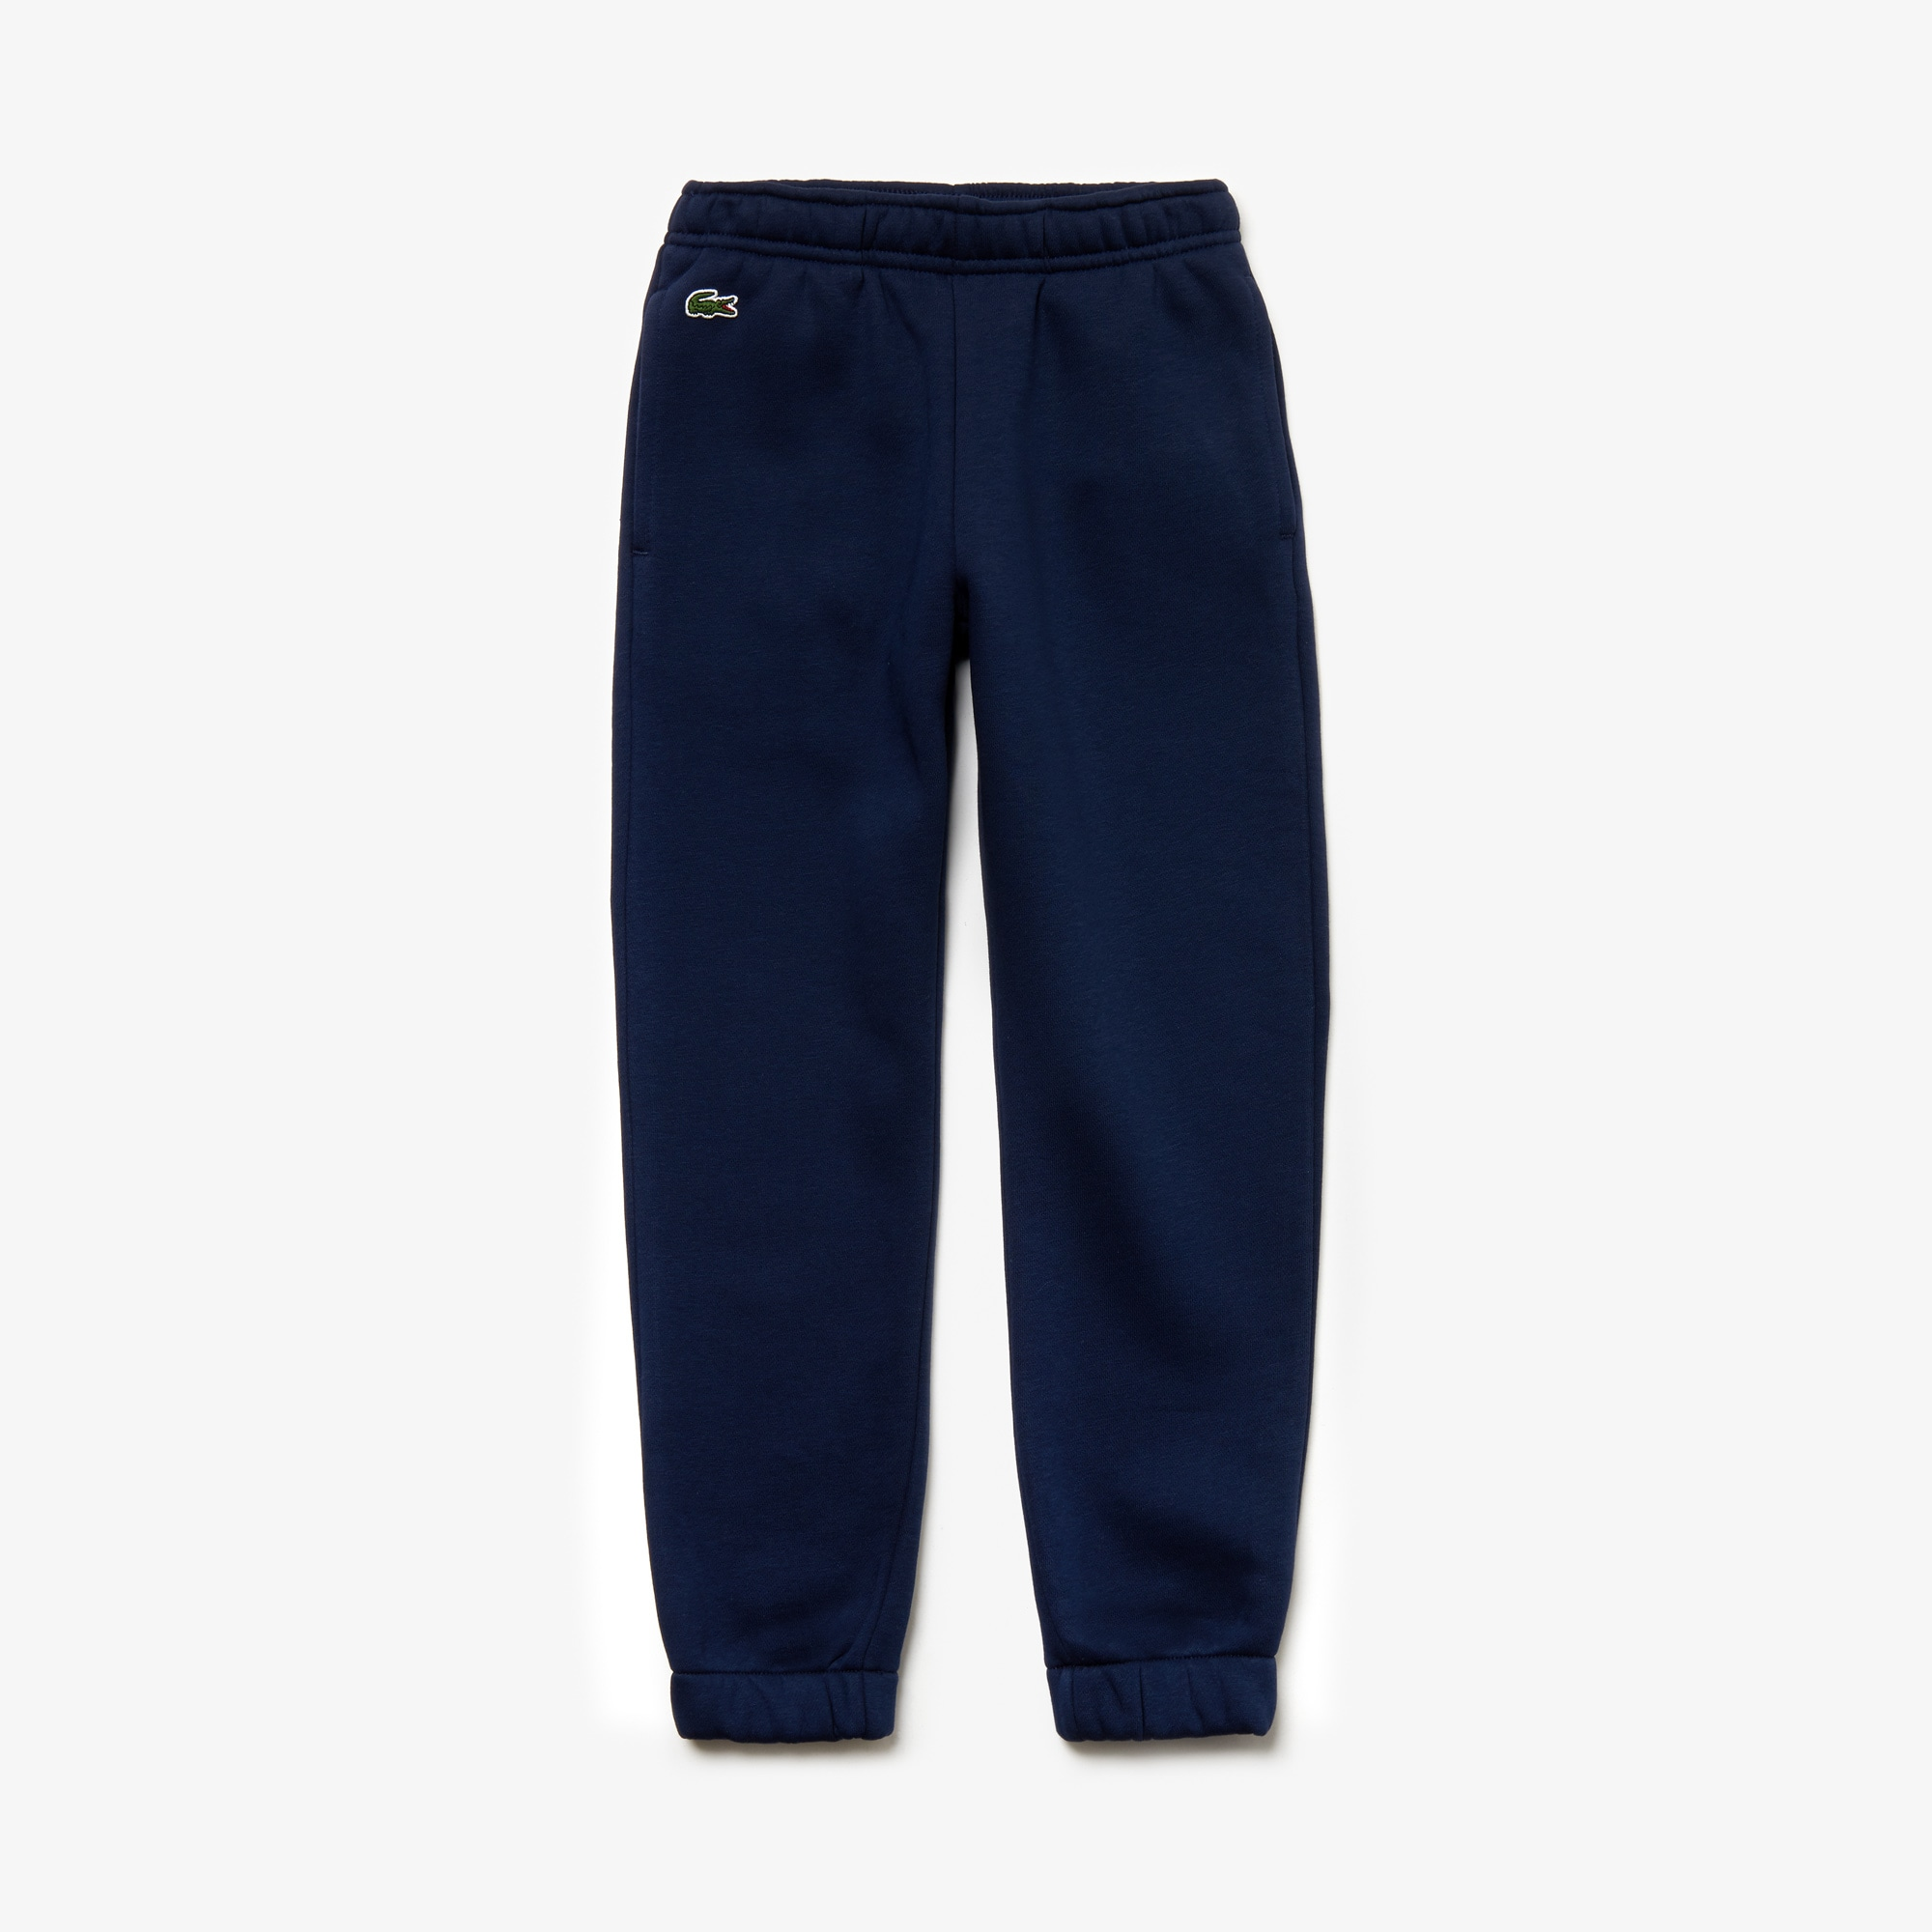 Pantalon de suvêtement Enfant Tennis Lacoste Sport en molleton